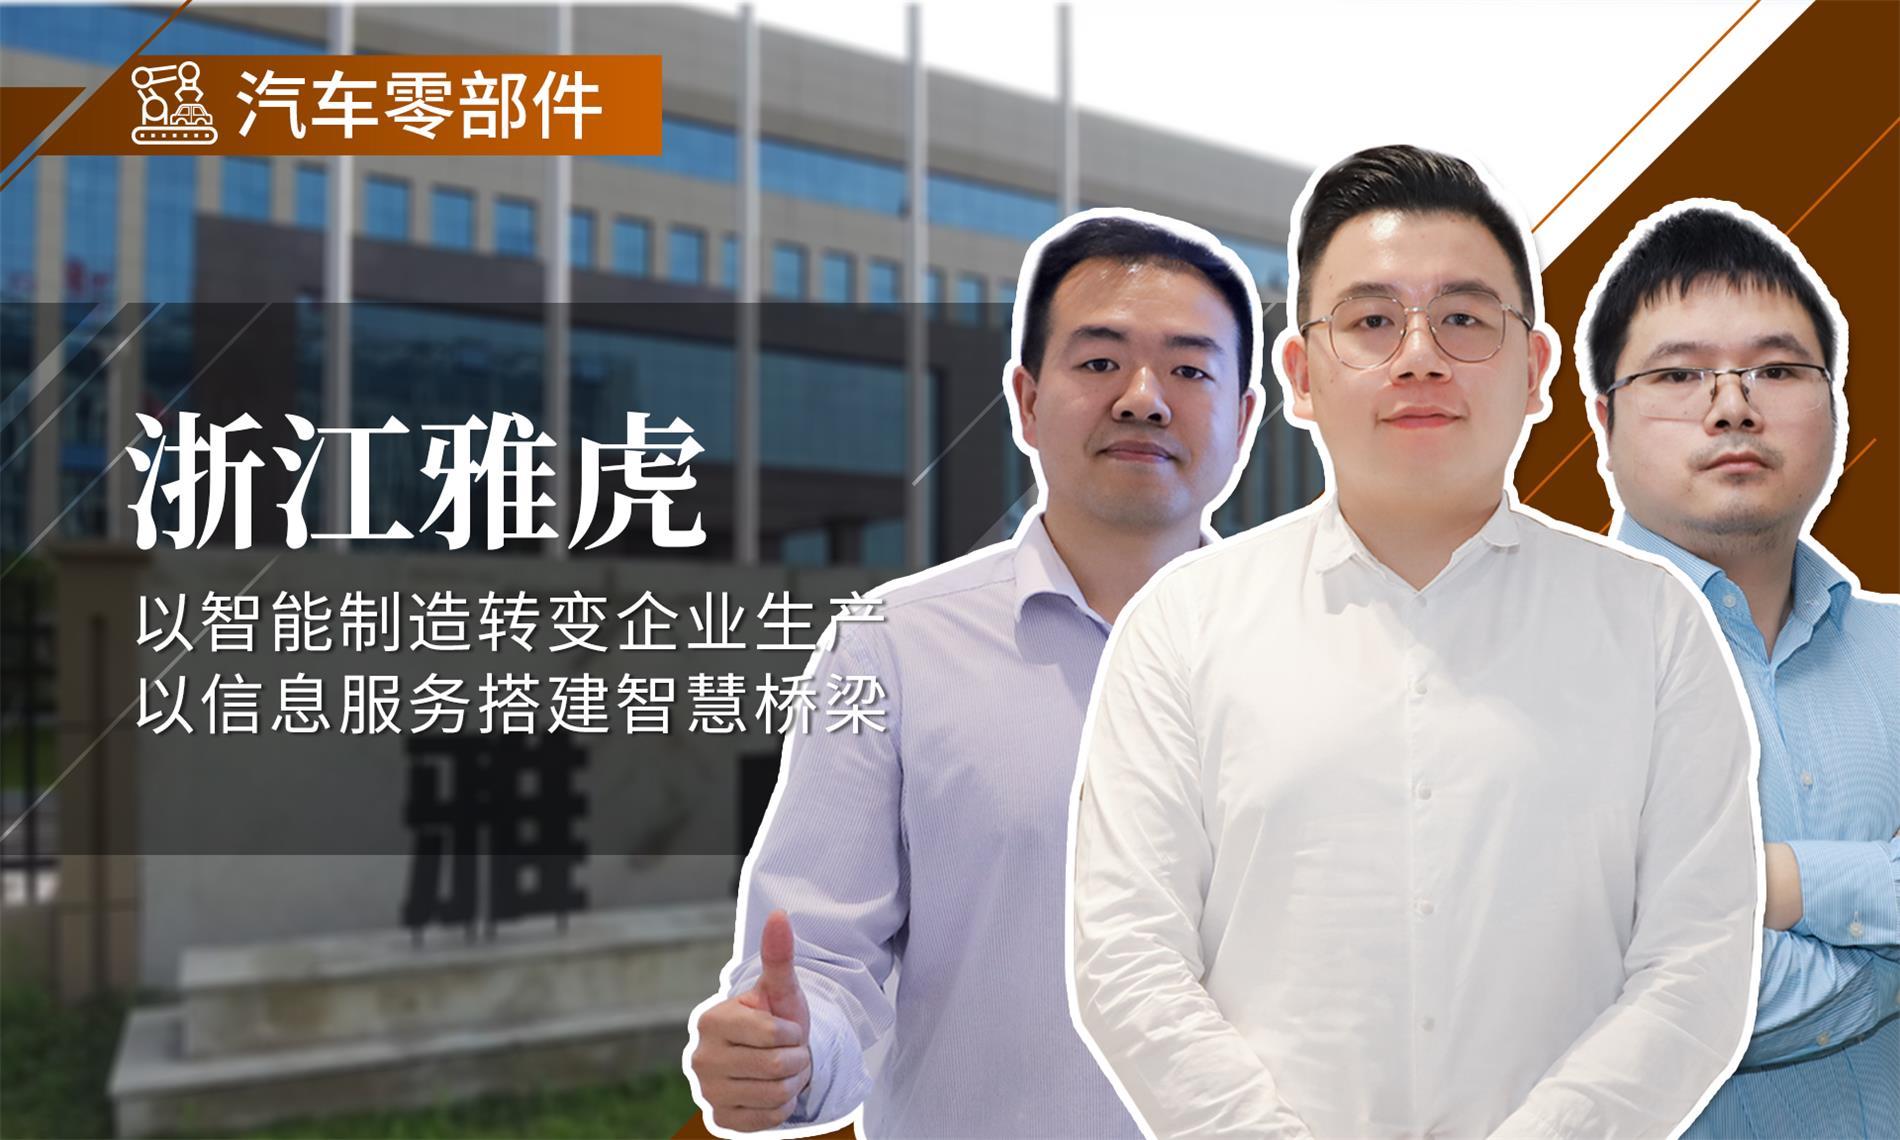 浙江雅虎汽车-智慧生产制造无限明朝